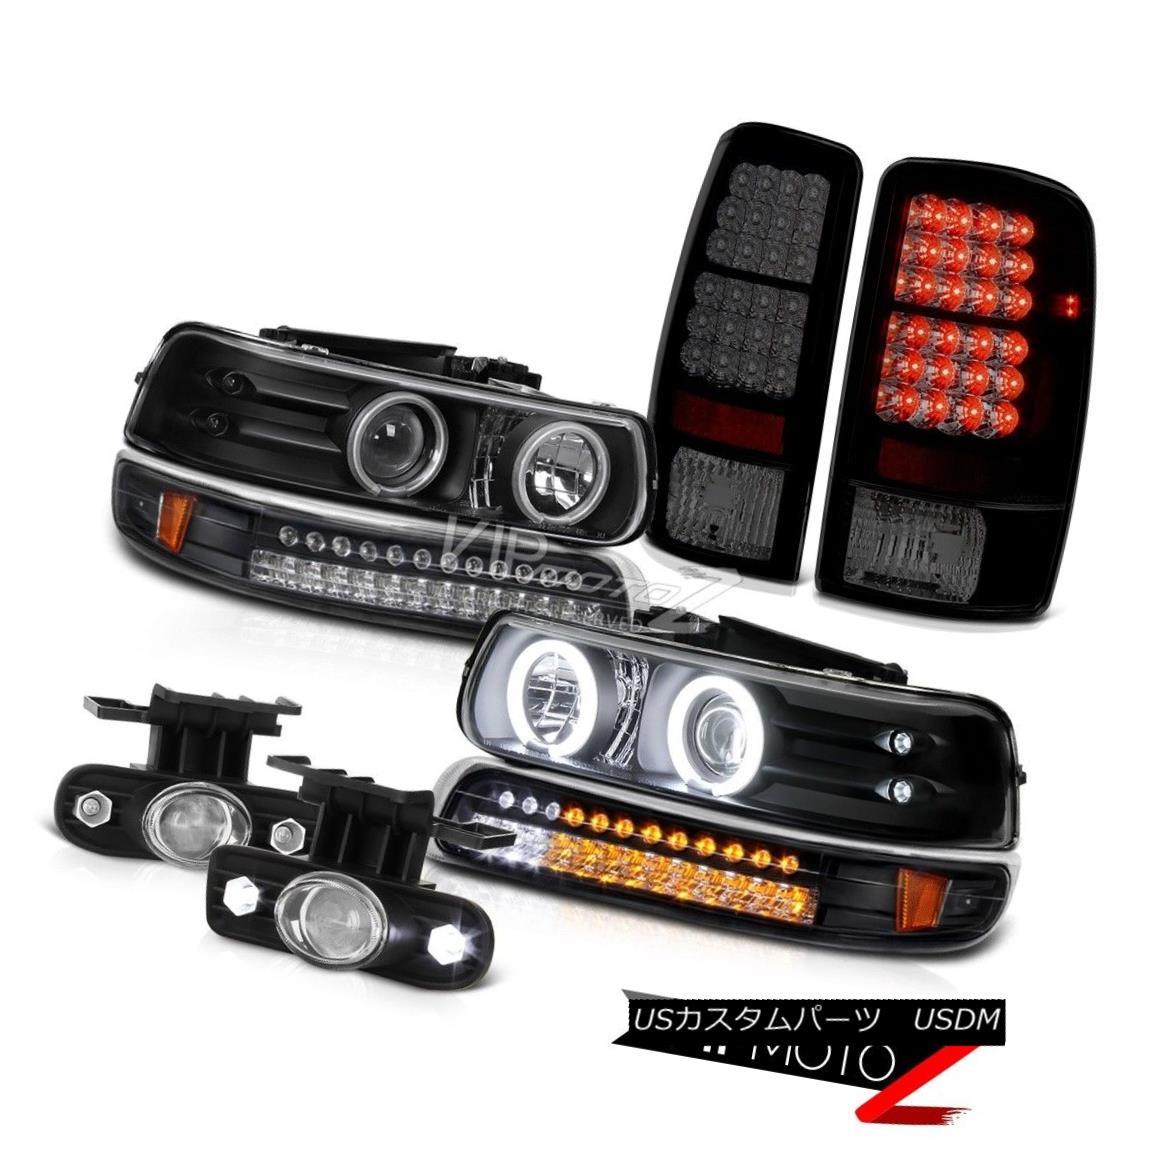 ヘッドライト 00-06 Tahoe 5.3L CCFL Halo Black Headlamps Sinister LED Tail Light Projector Fog 00-06 Tahoe 5.3L CCFL Halo BlackヘッドランプSinister LEDテールライトプロジェクターフォグ